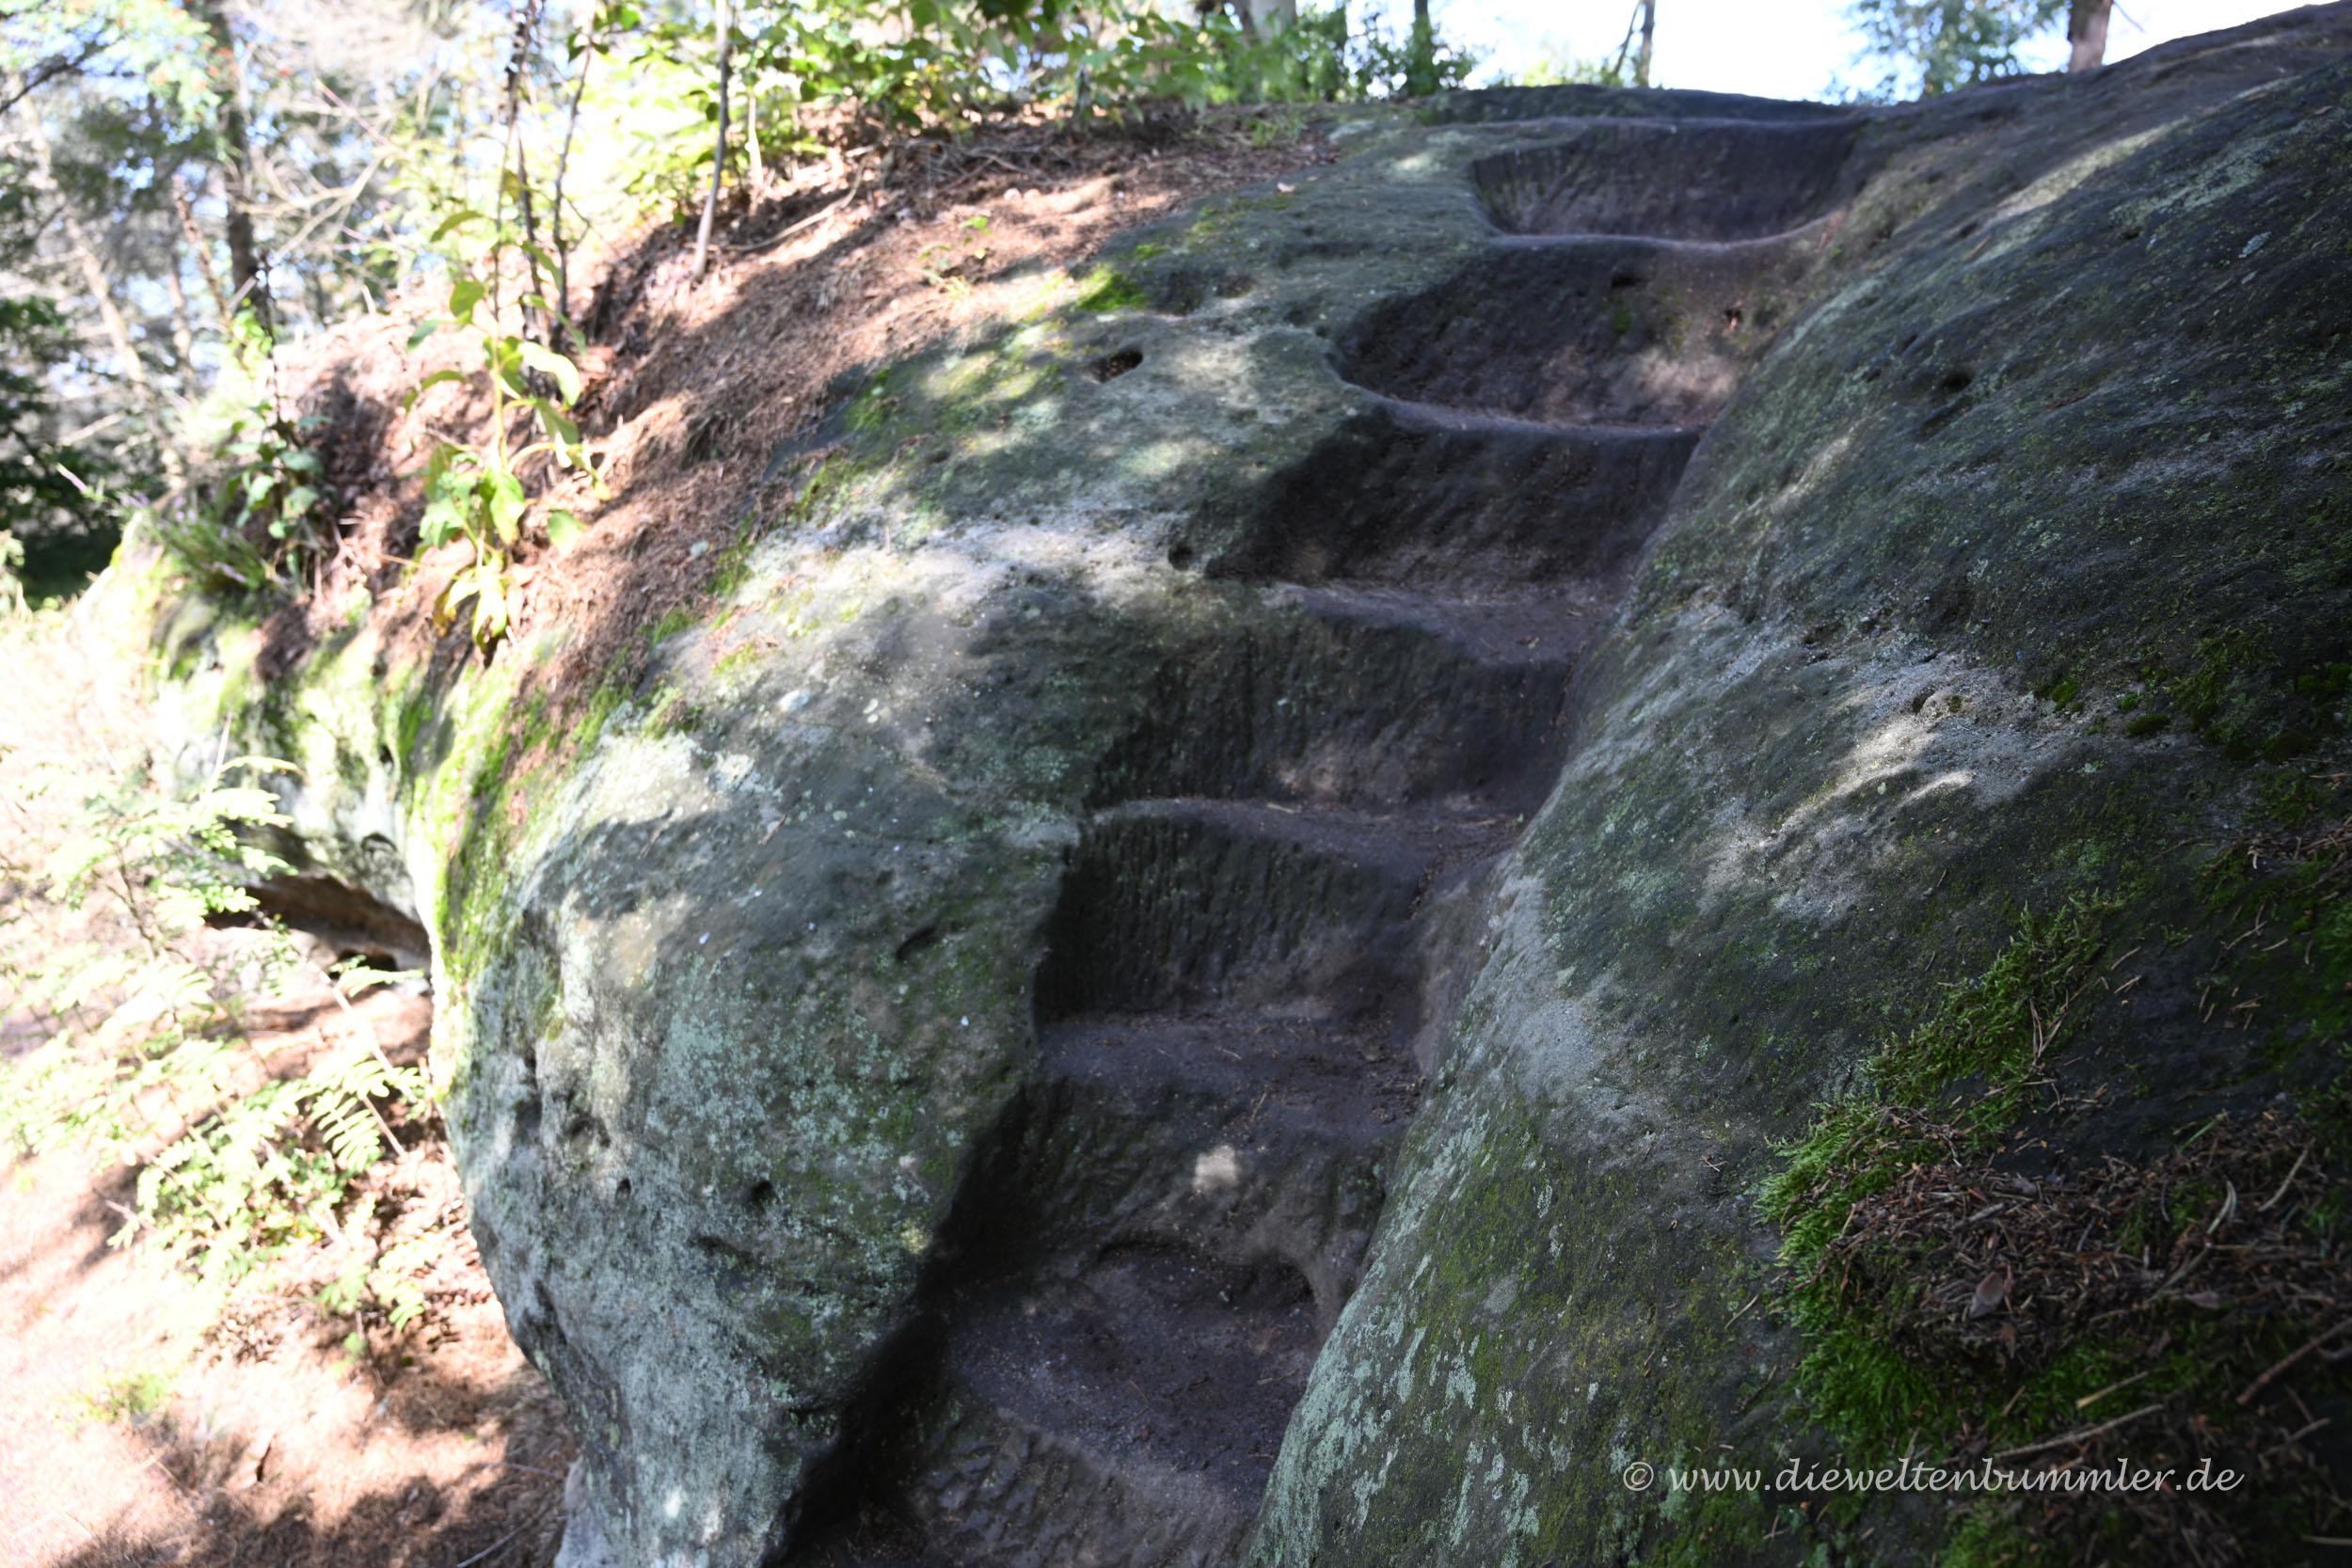 Stufen in den Stein geschlagen